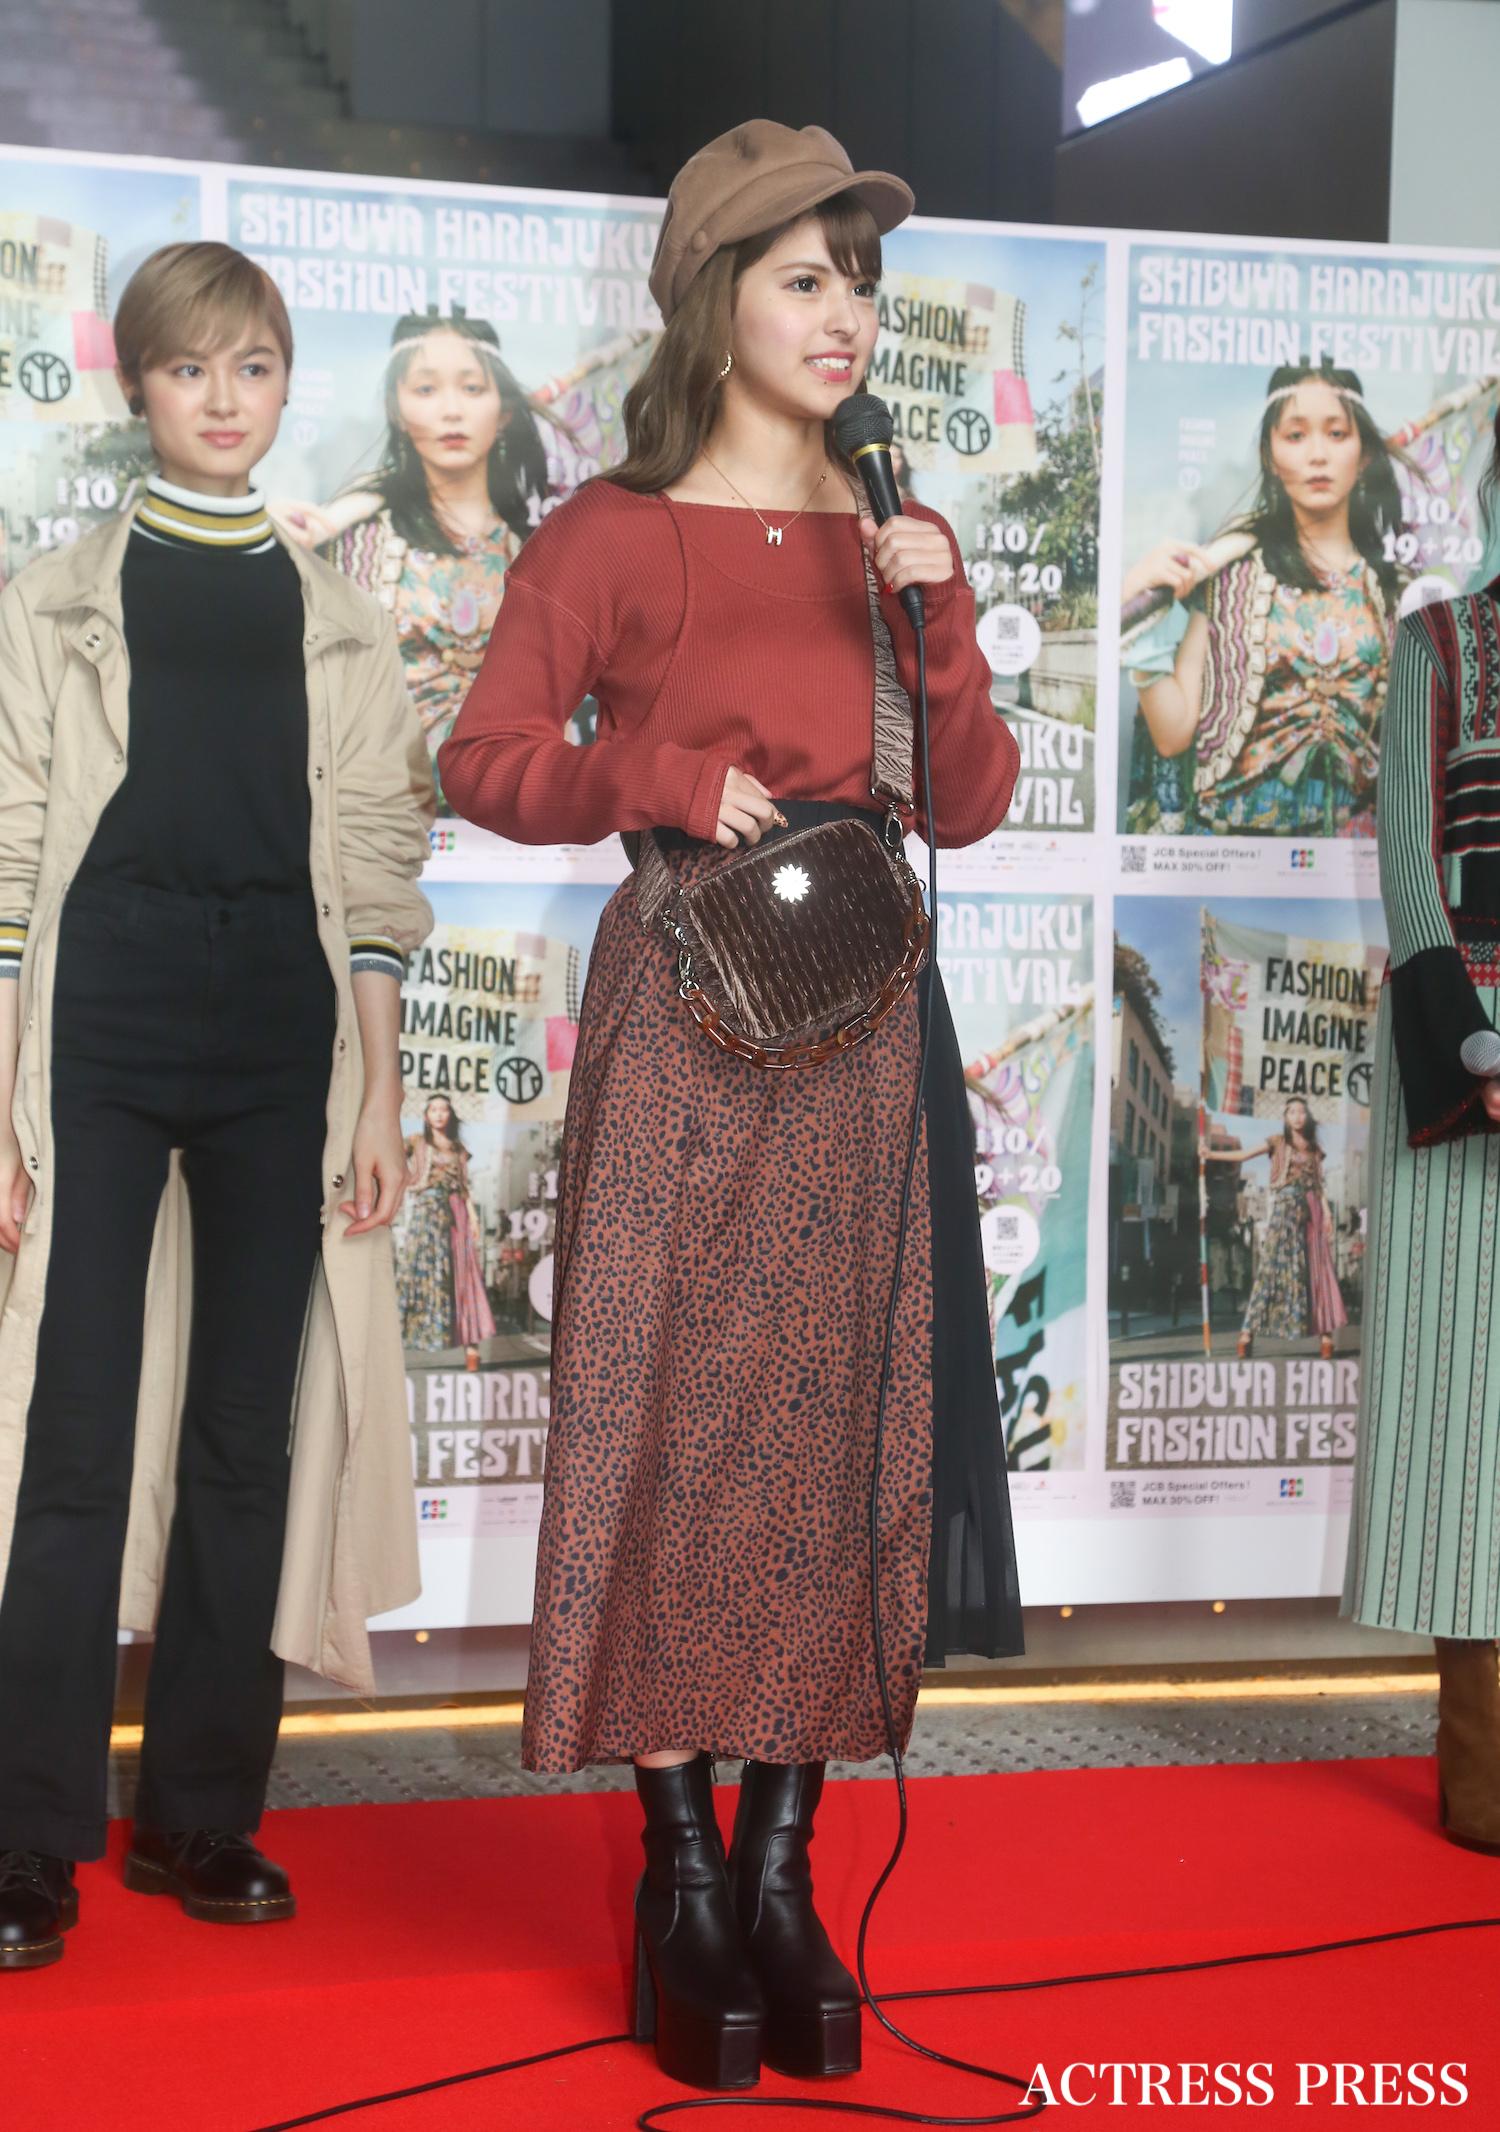 アンジェリカ/2019年10月19日、SHIBUYA HARAJUKU FASHION FESTIVAL/撮影:ACTRESS PRESS編集部